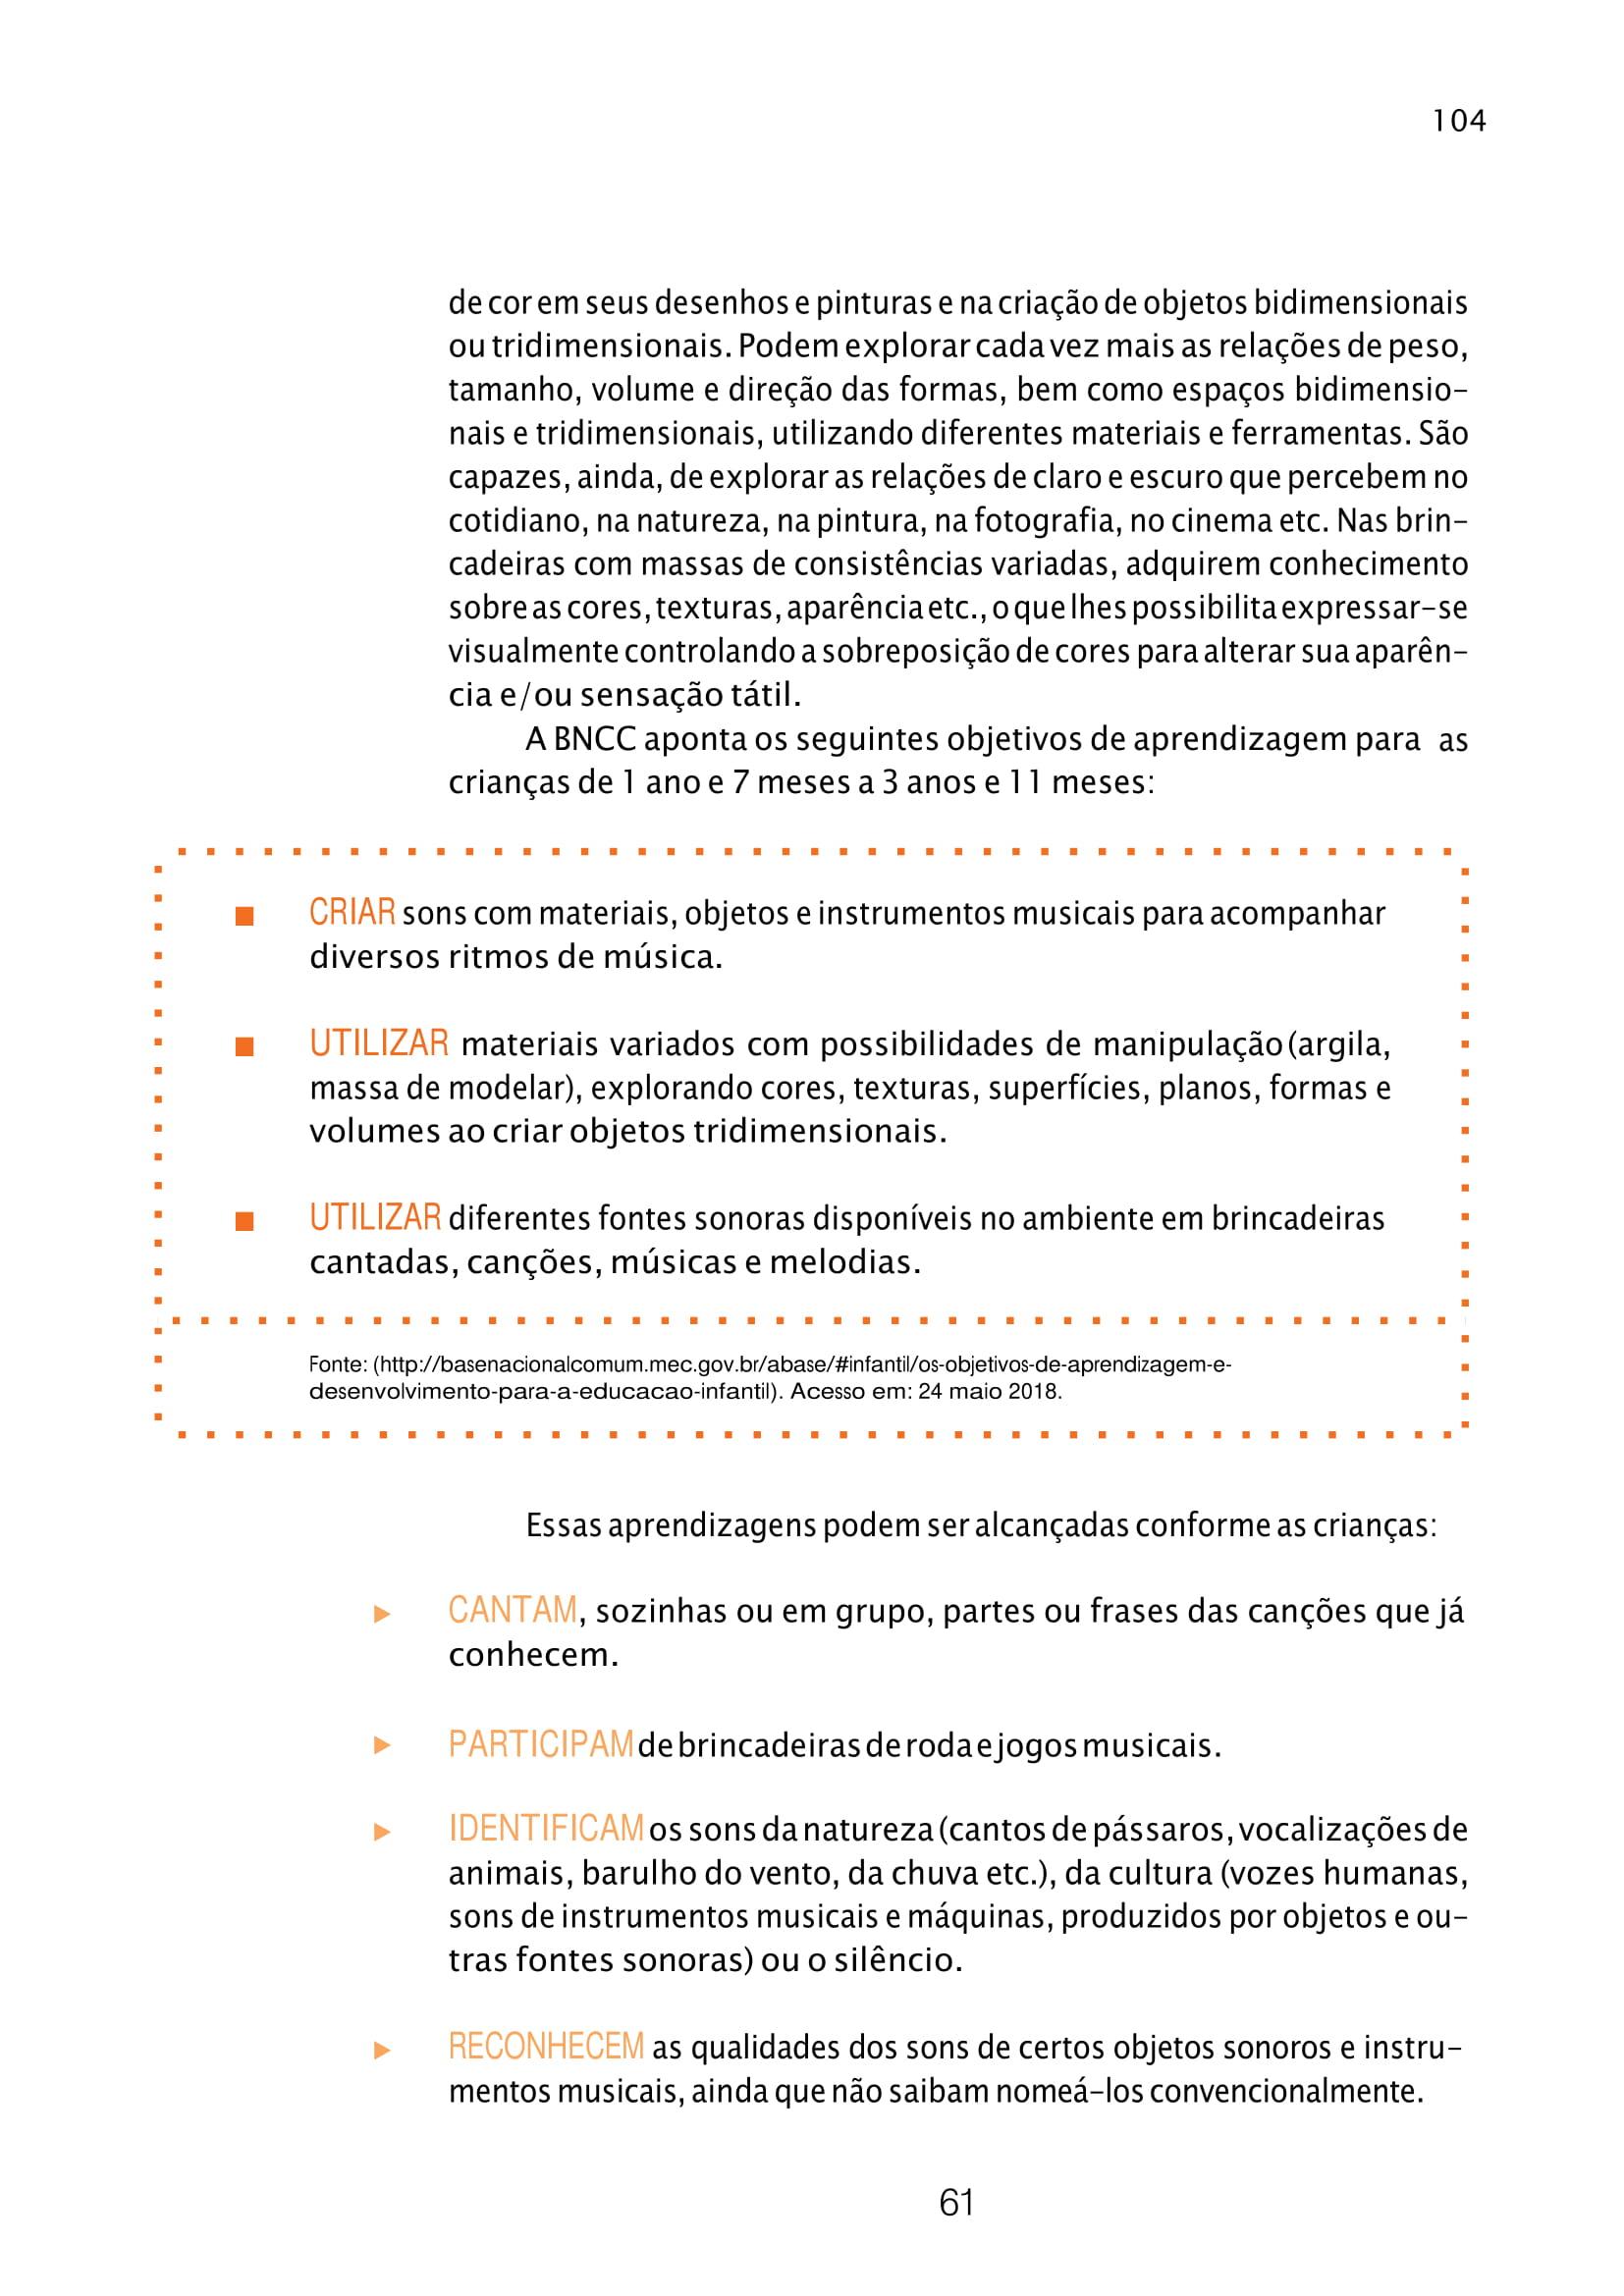 planejamento-educação-infantil-bncc-geral-134